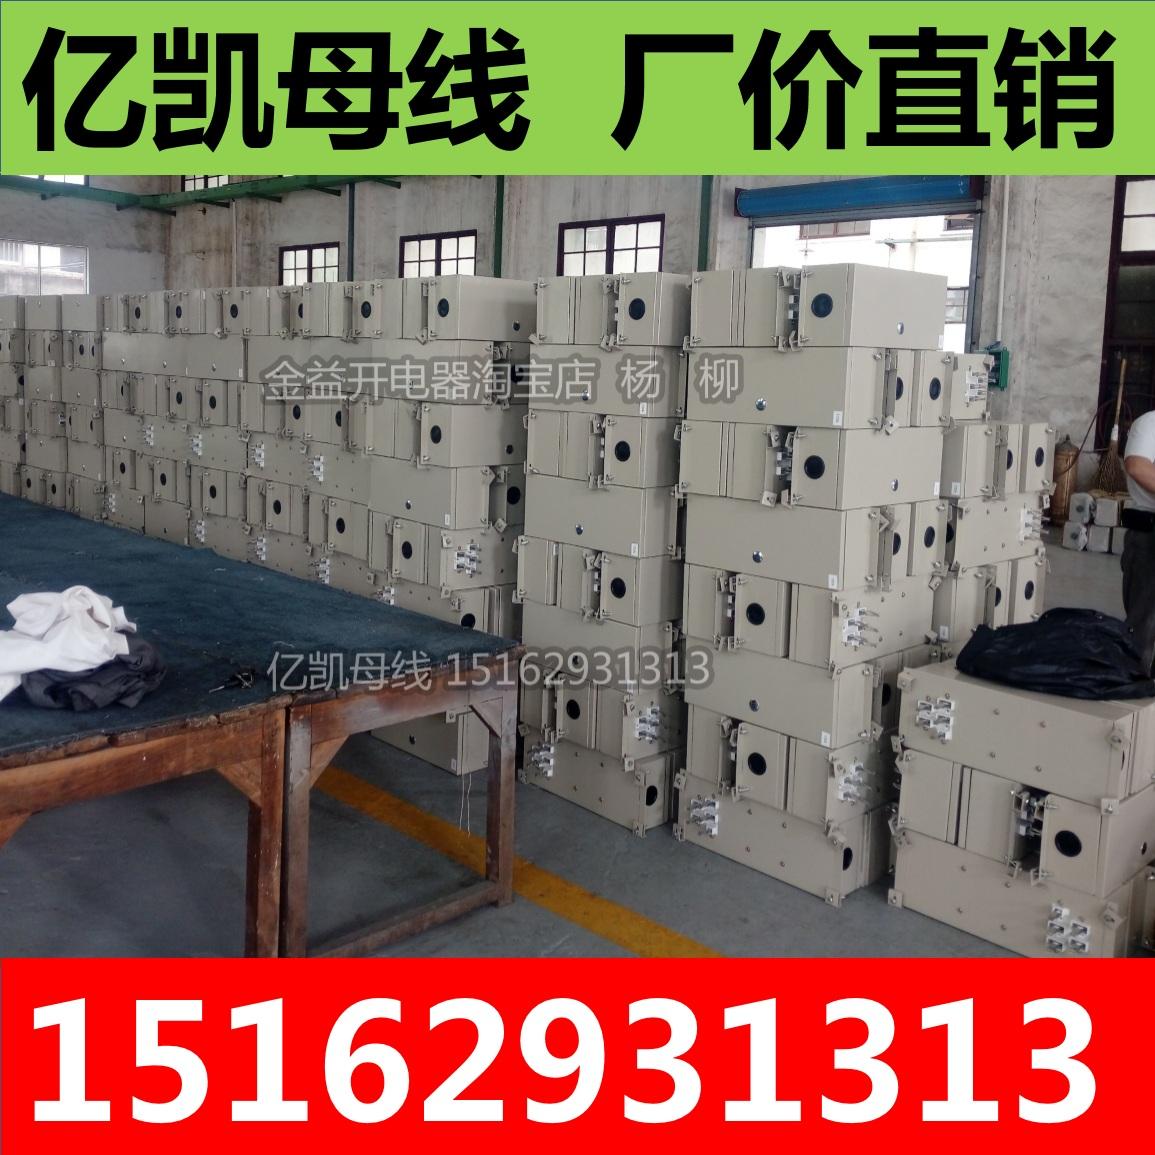 亿凯 母线槽插接箱 100A 250A 400A 630A 800A 母线槽 插接箱